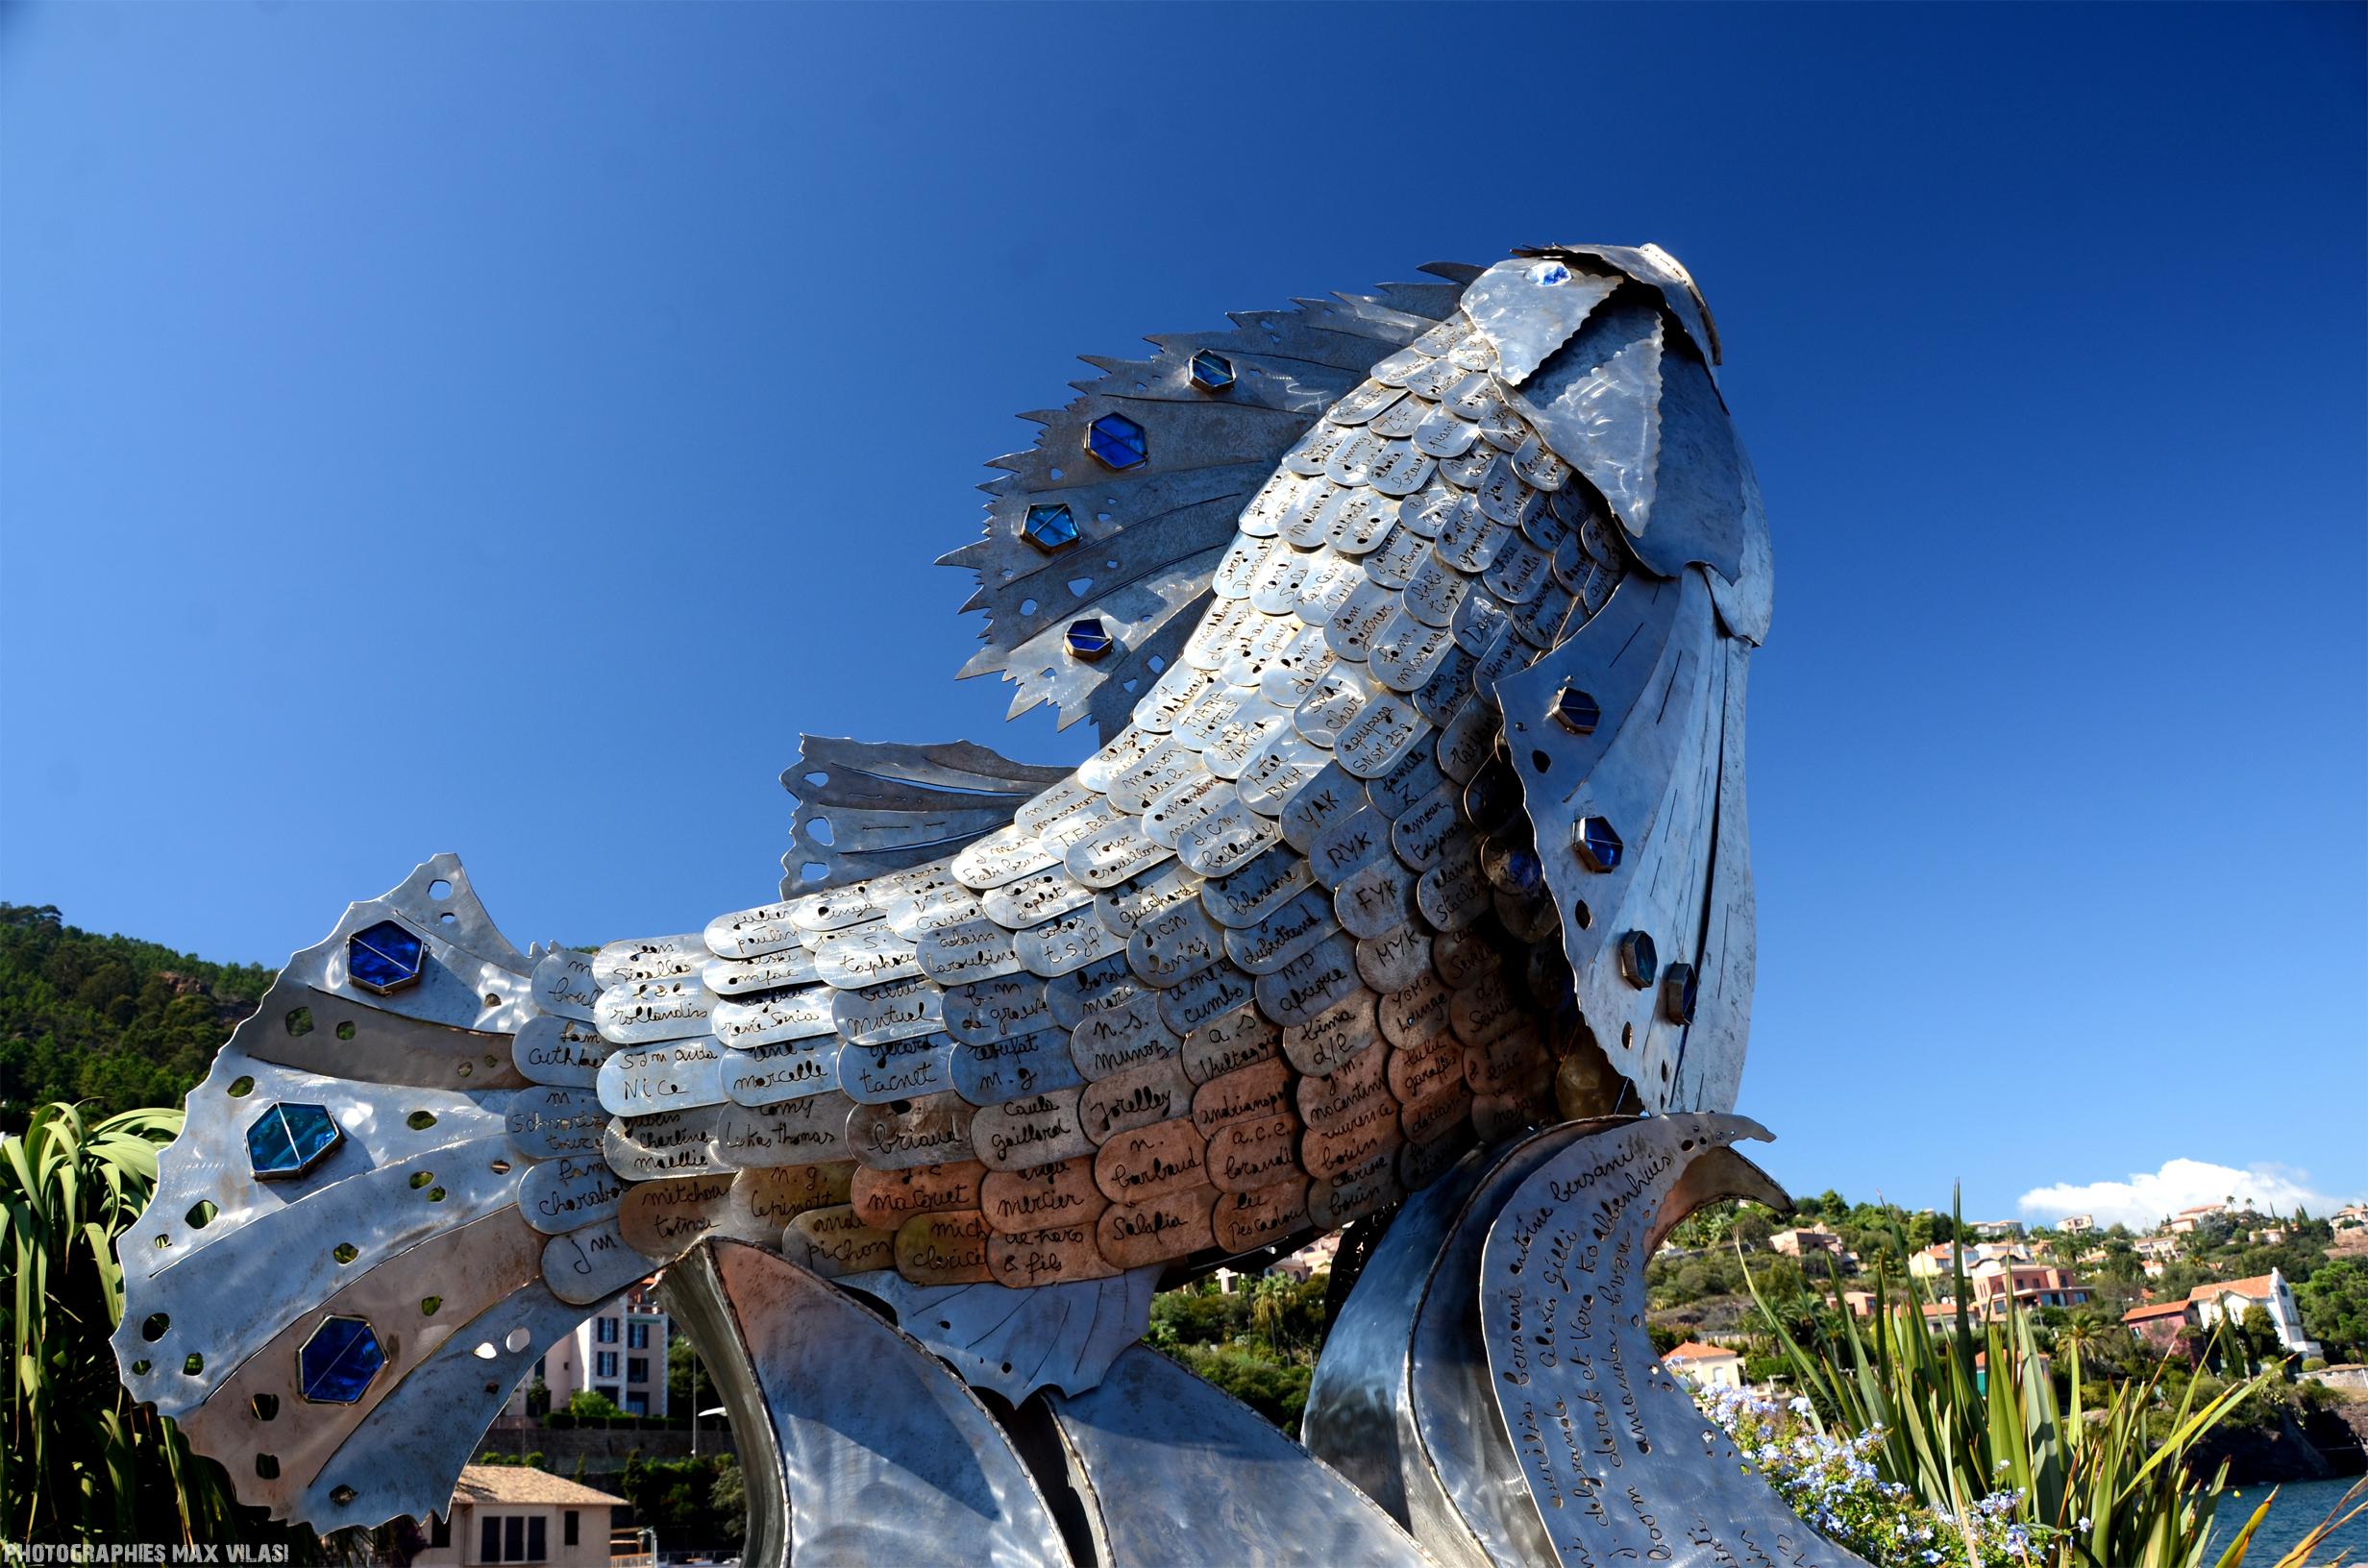 Le Monument de Théoules